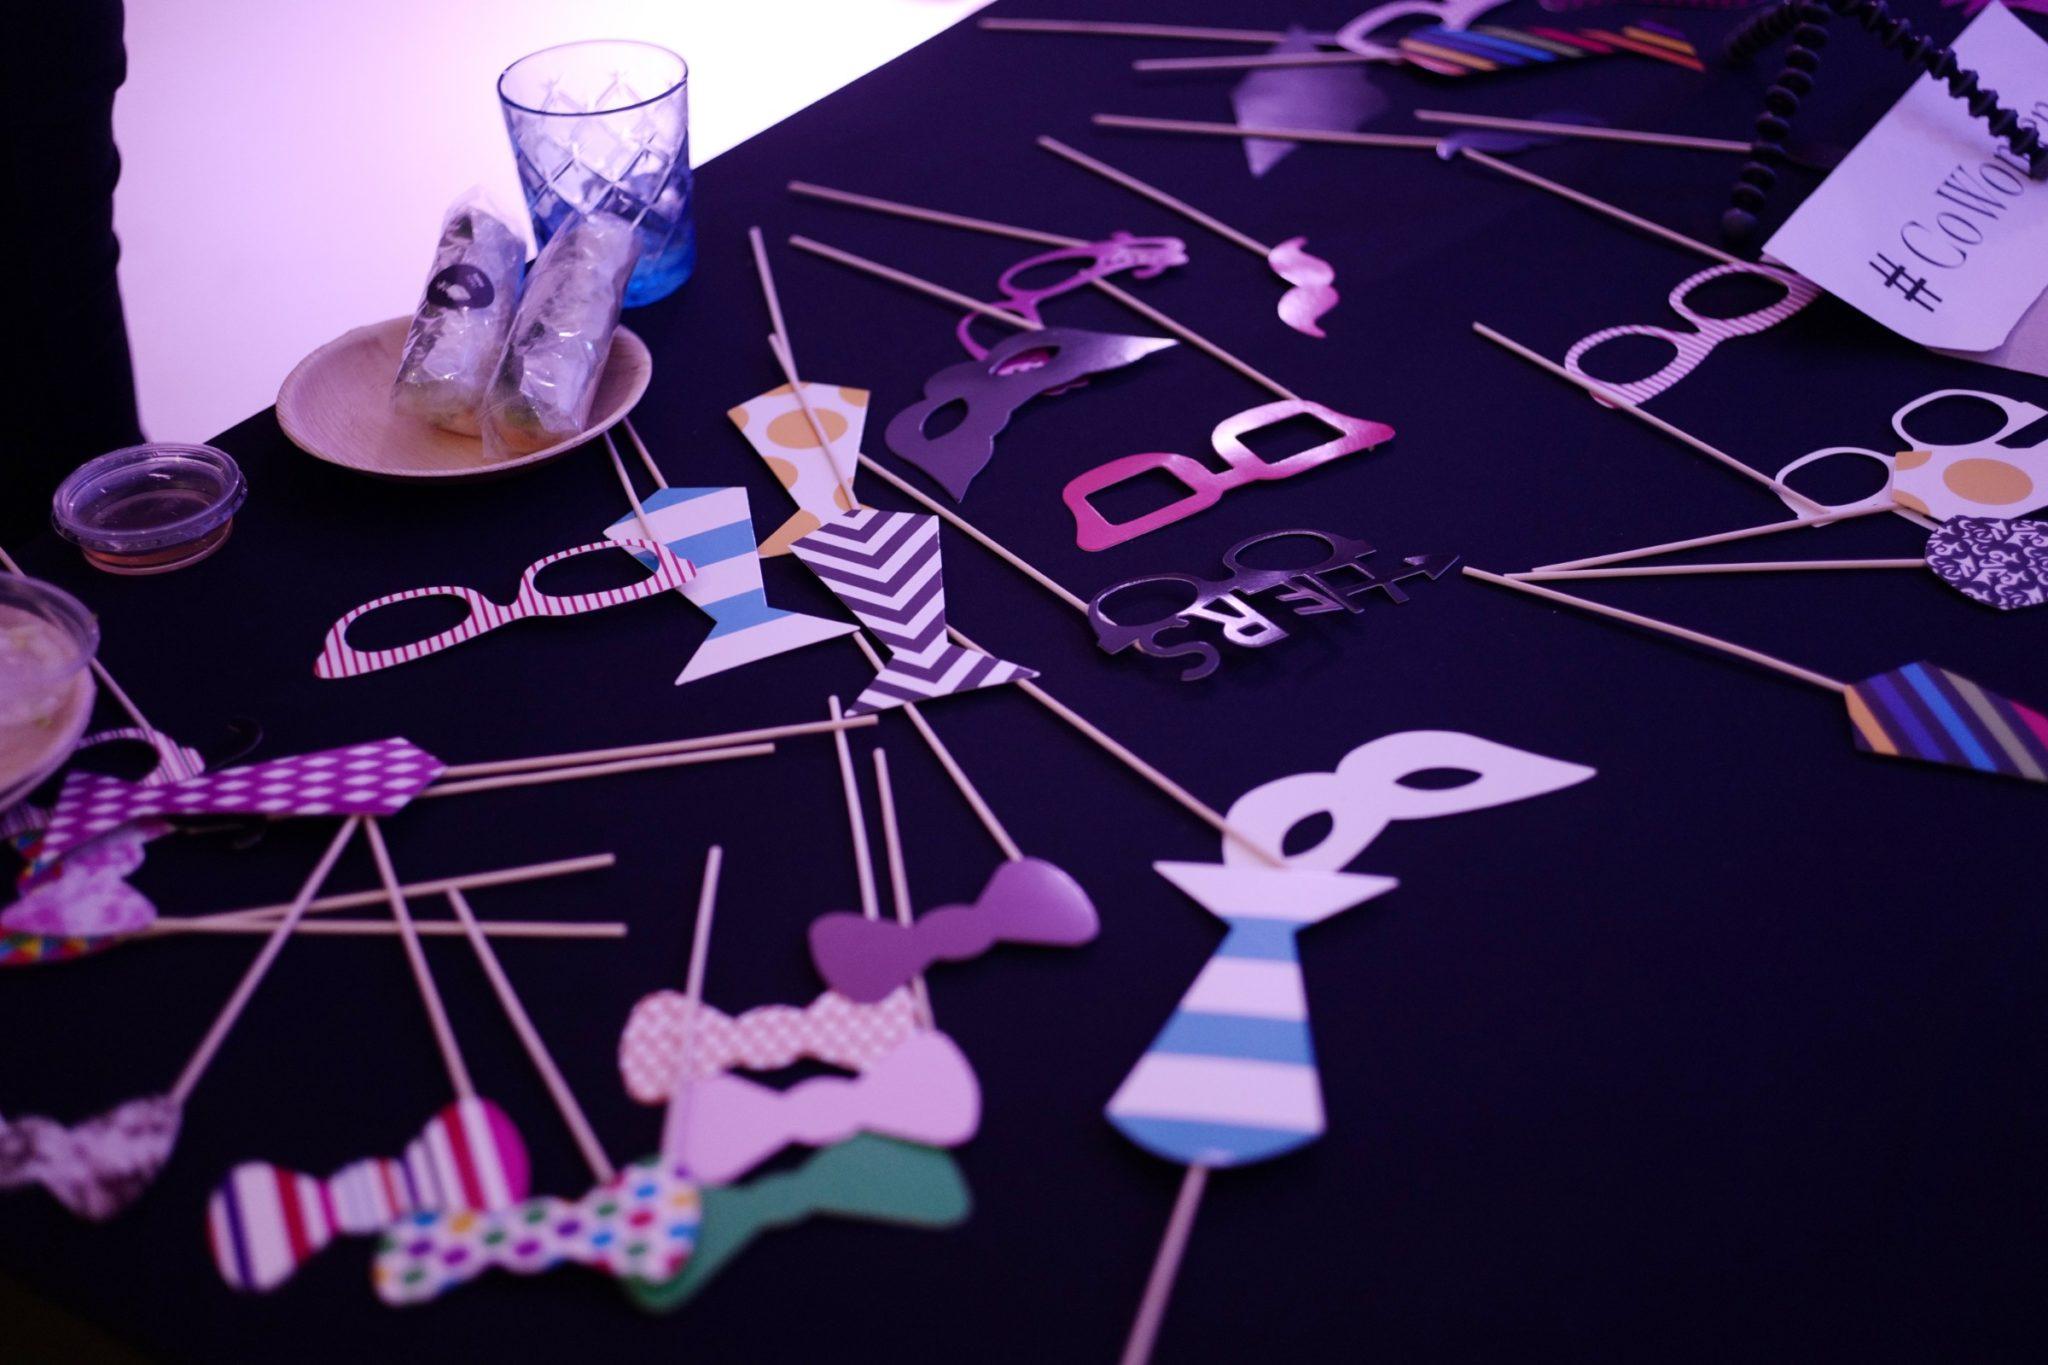 CelebratingKickassWomen KickassWomanChallenge 25.10.18 23